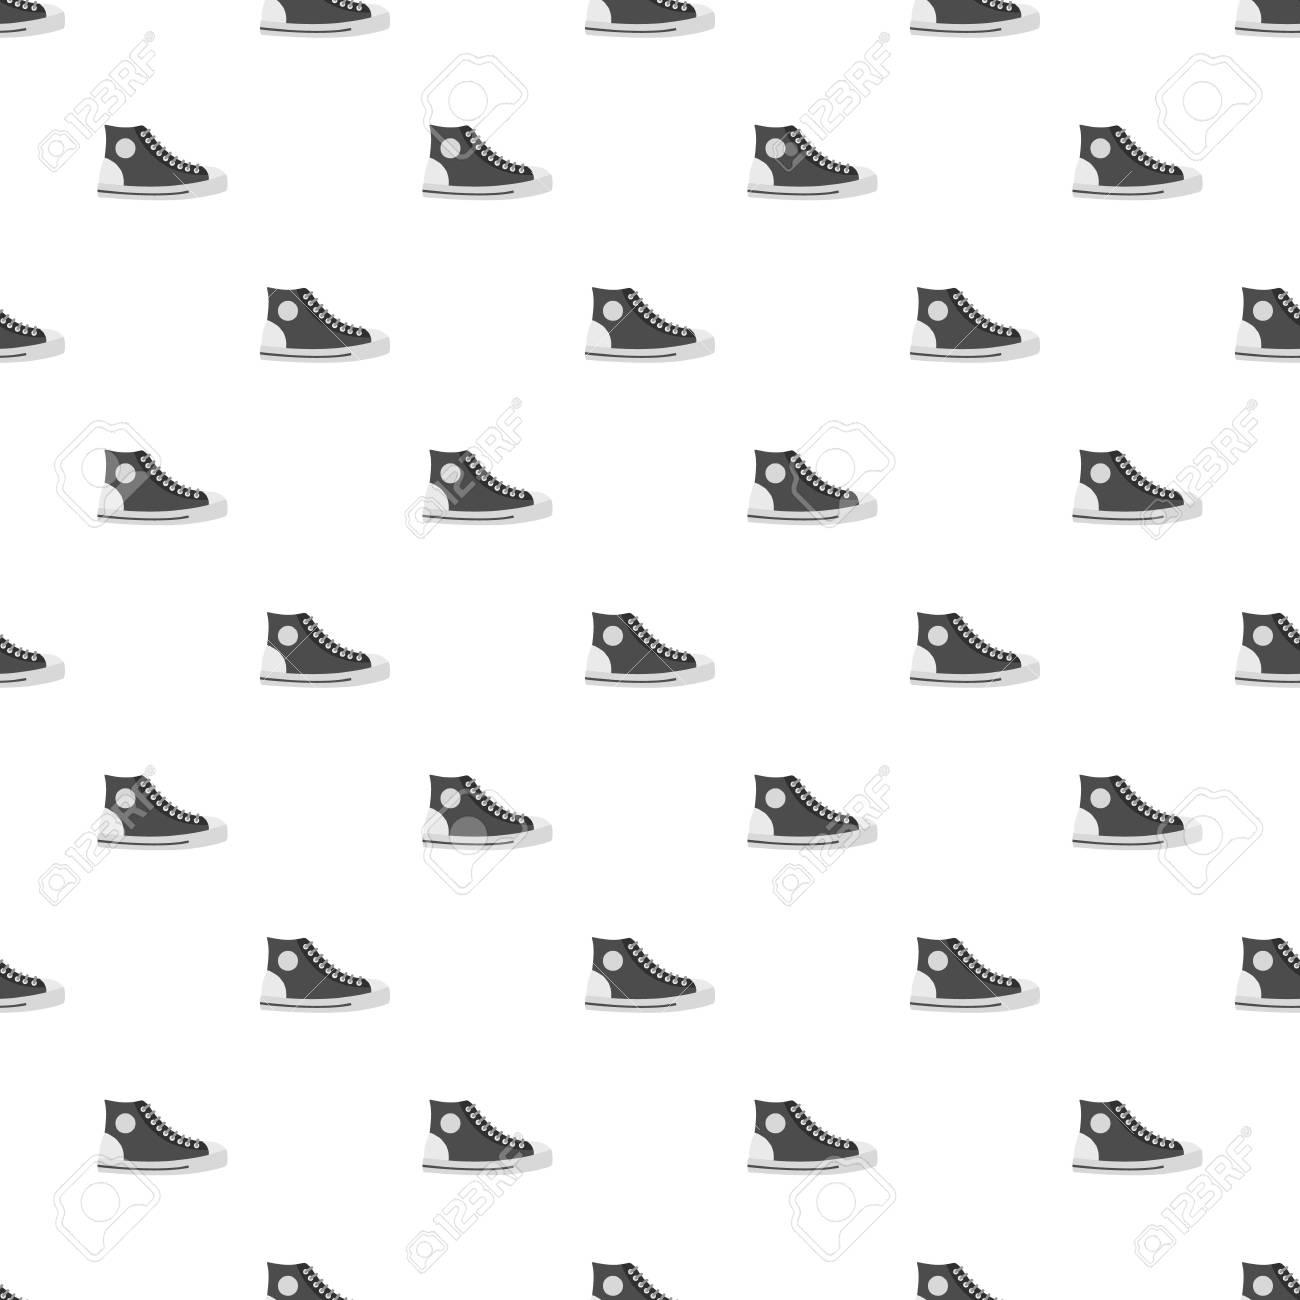 Zapato de hombre sin costuras en estilo plano para cualquier diseño.